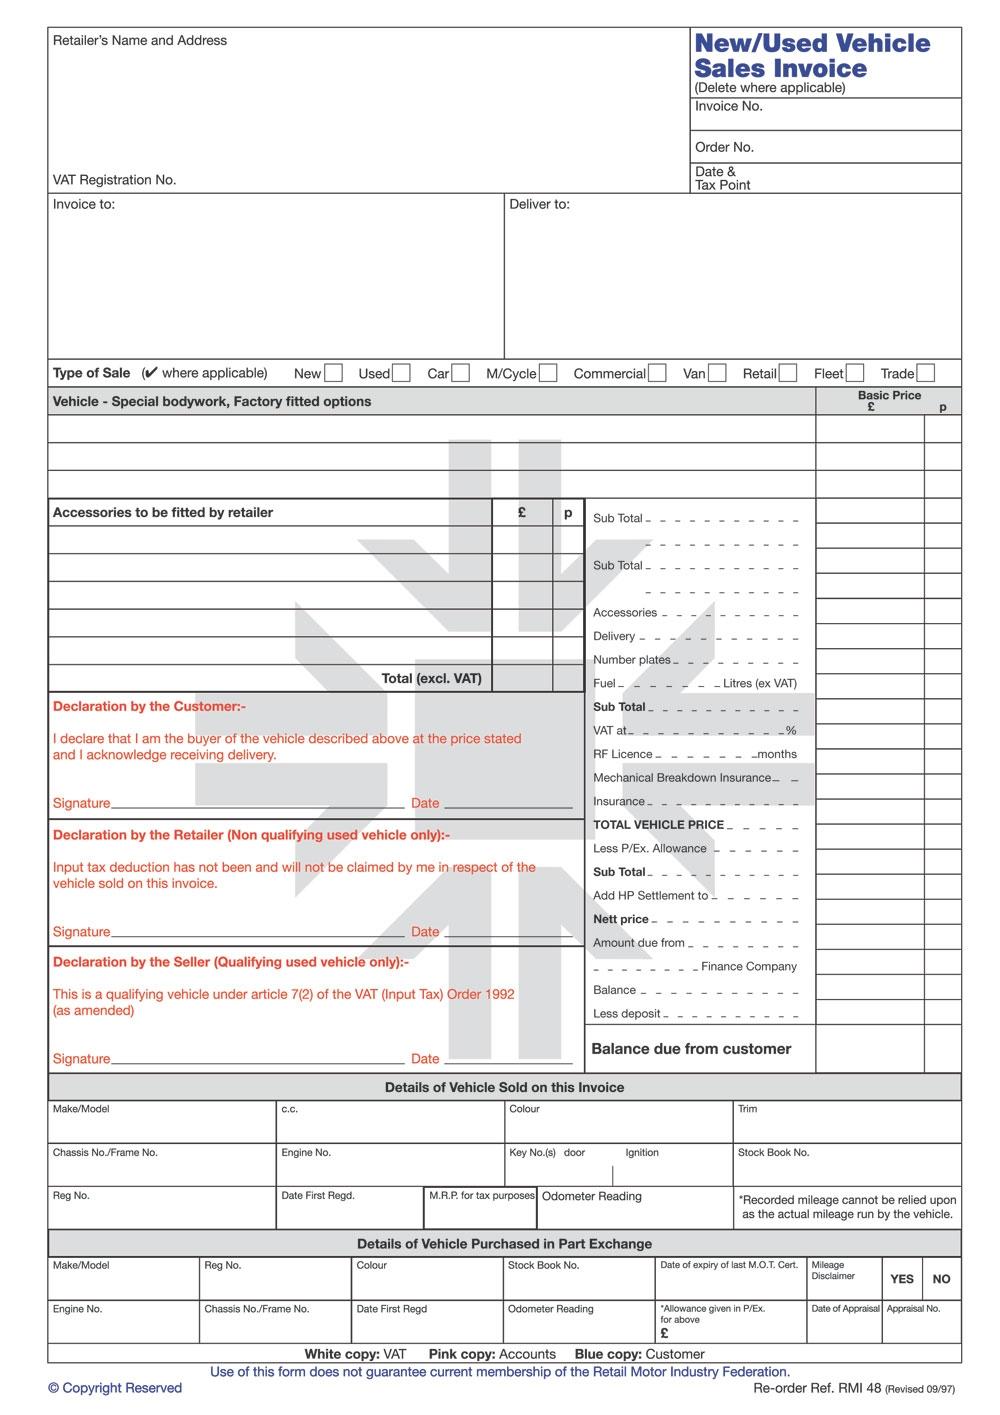 rmi048 new used vehicle sales invoice pad rmi webshop rmi used vehicle invoice